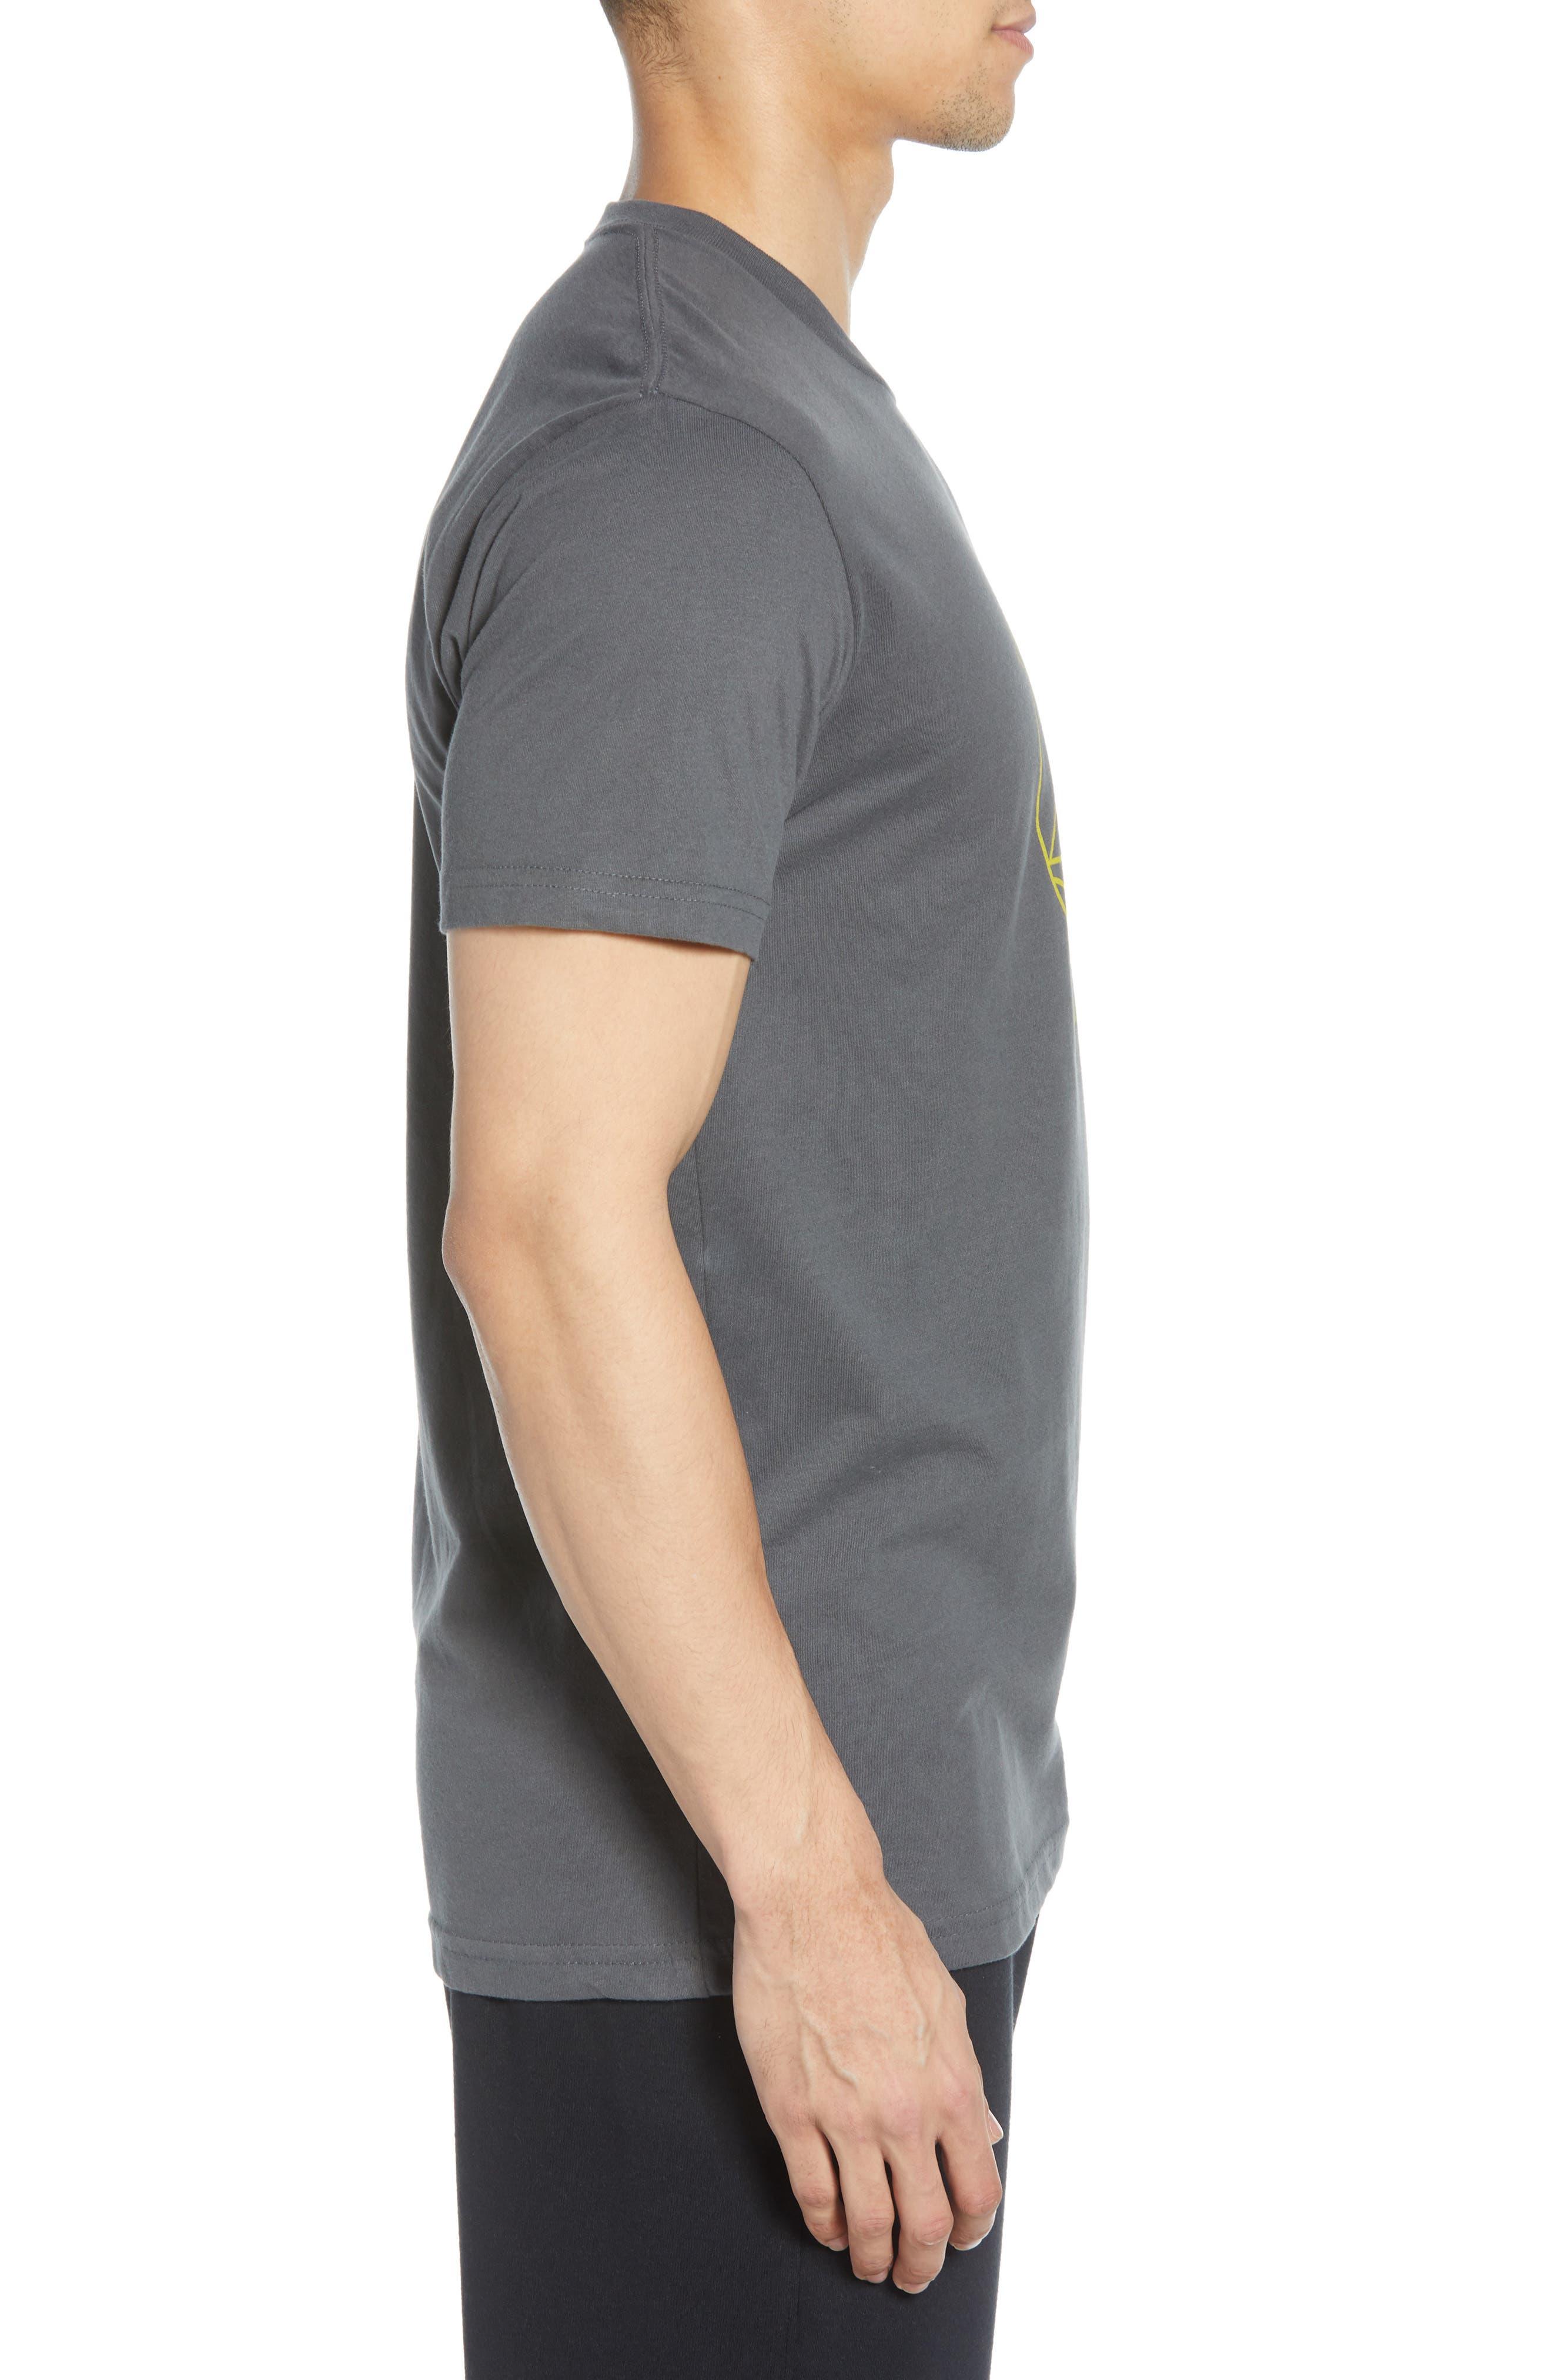 VUORI, The Rise The Shine Graphic T-Shirt, Alternate thumbnail 3, color, CHARCOAL